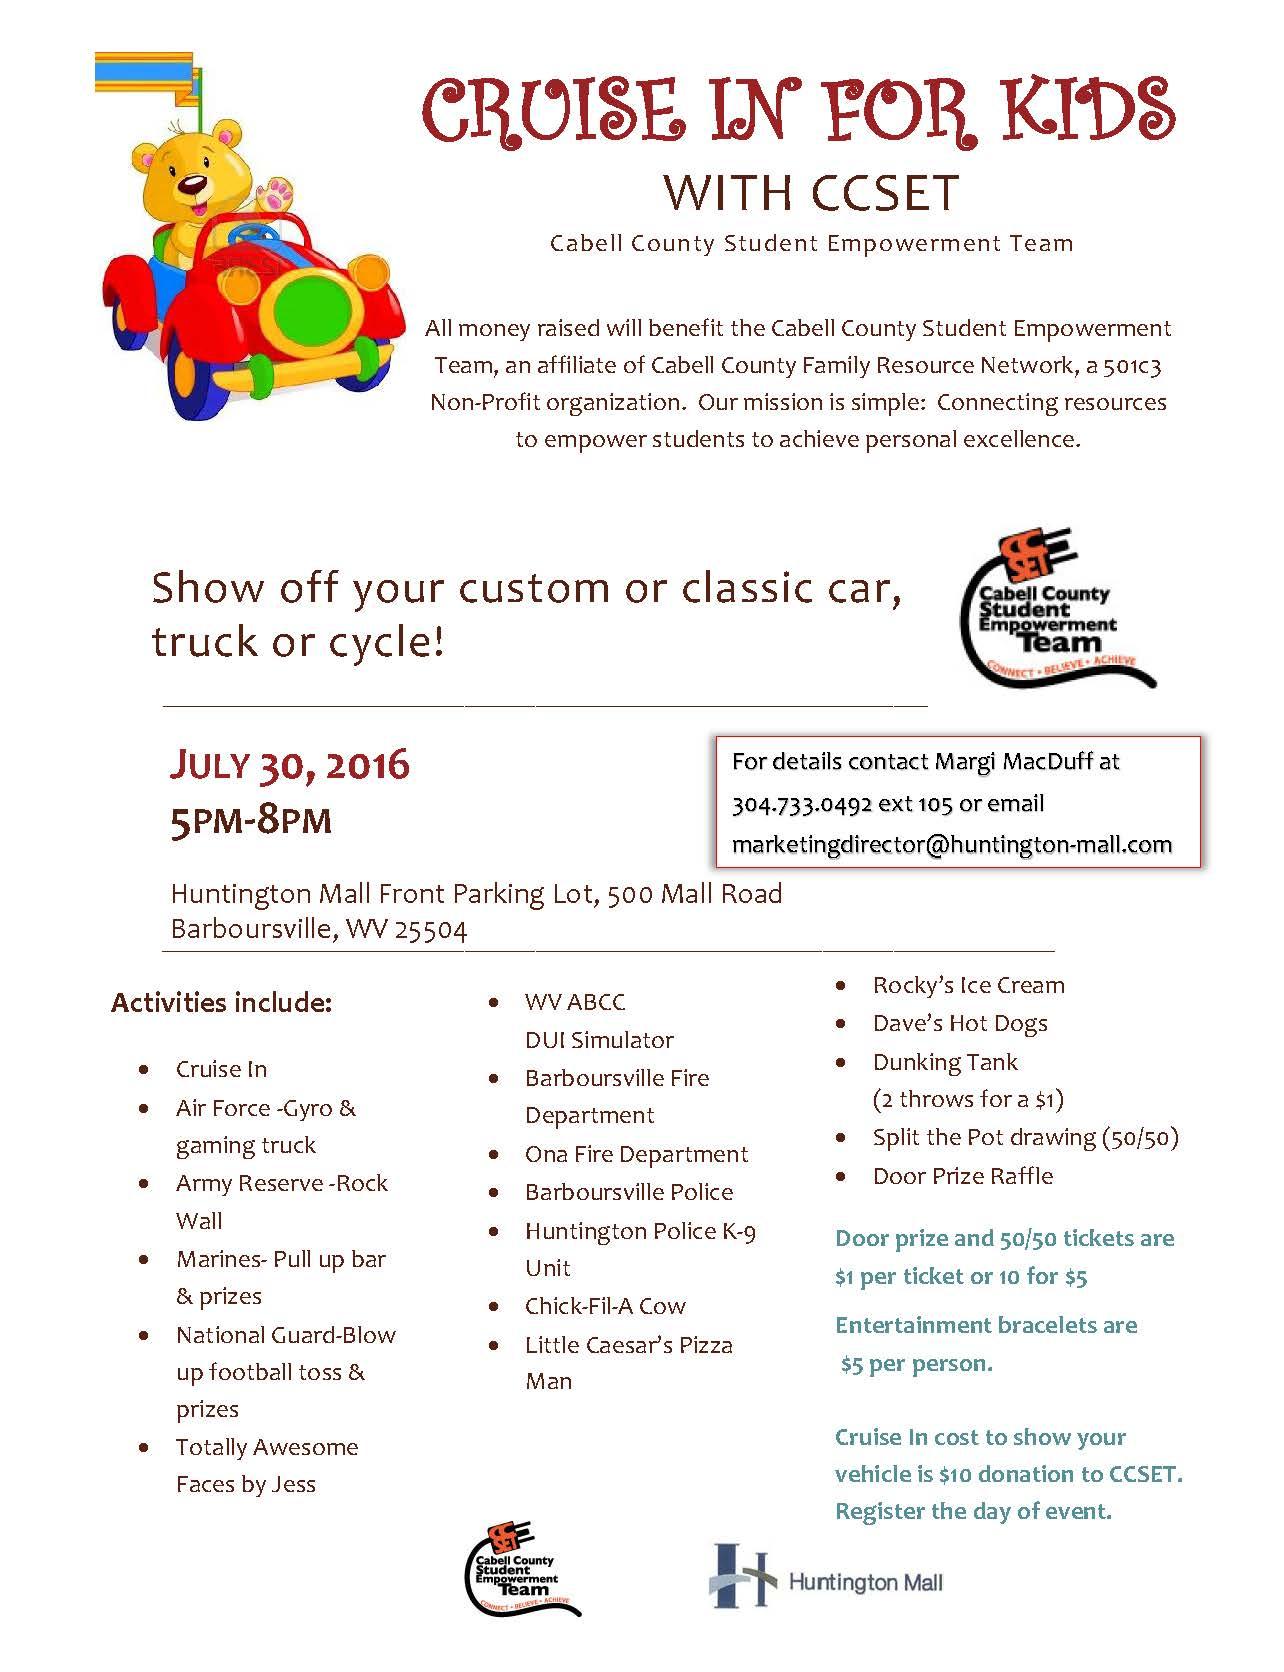 Car show flyer final 7-5-16